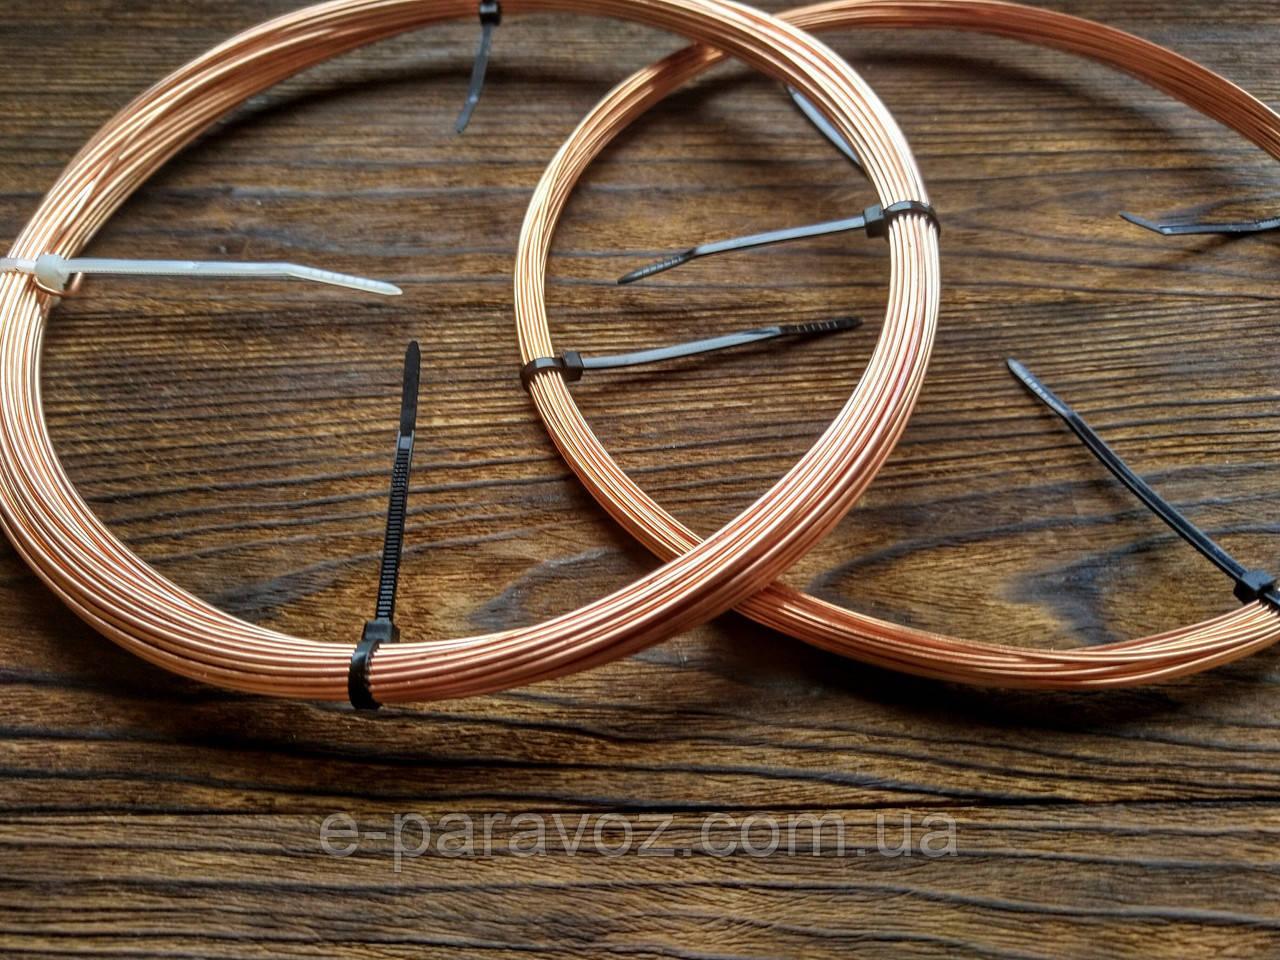 Медь 3 мм - 10 метров, медная проволока для рукоделия, бисера, бижутерии